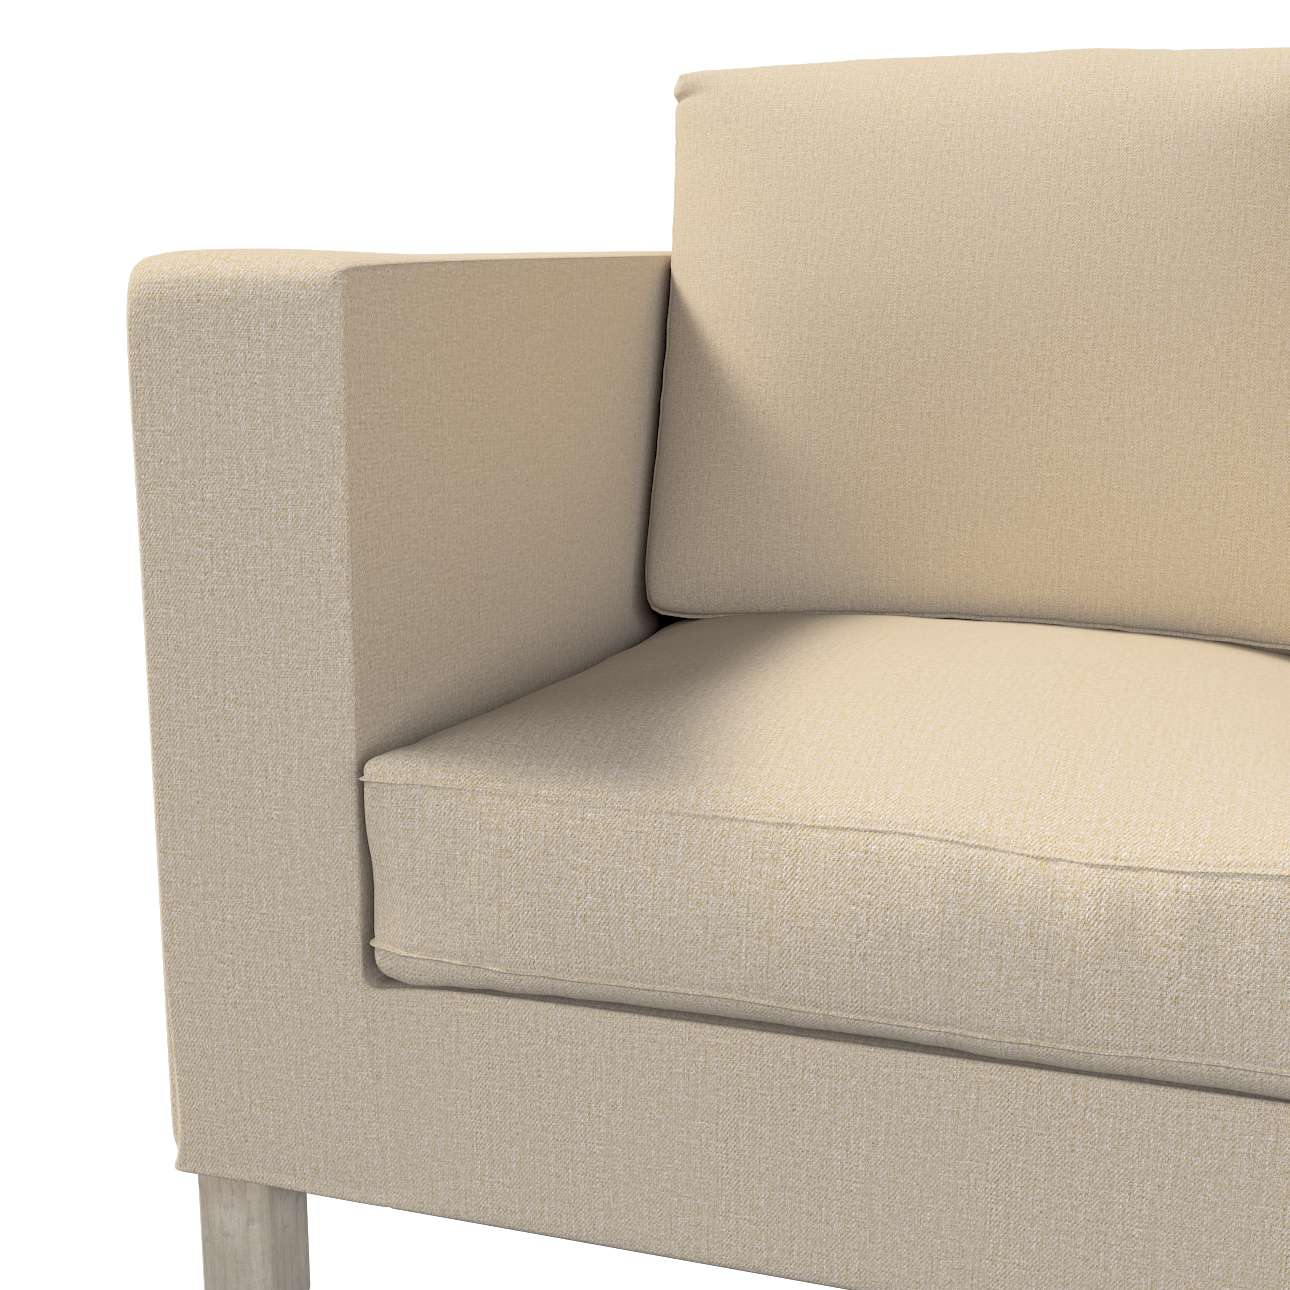 Pokrowiec na sofę Karlanda 2-osobową nierozkładaną, krótki w kolekcji Edinburgh, tkanina: 115-78